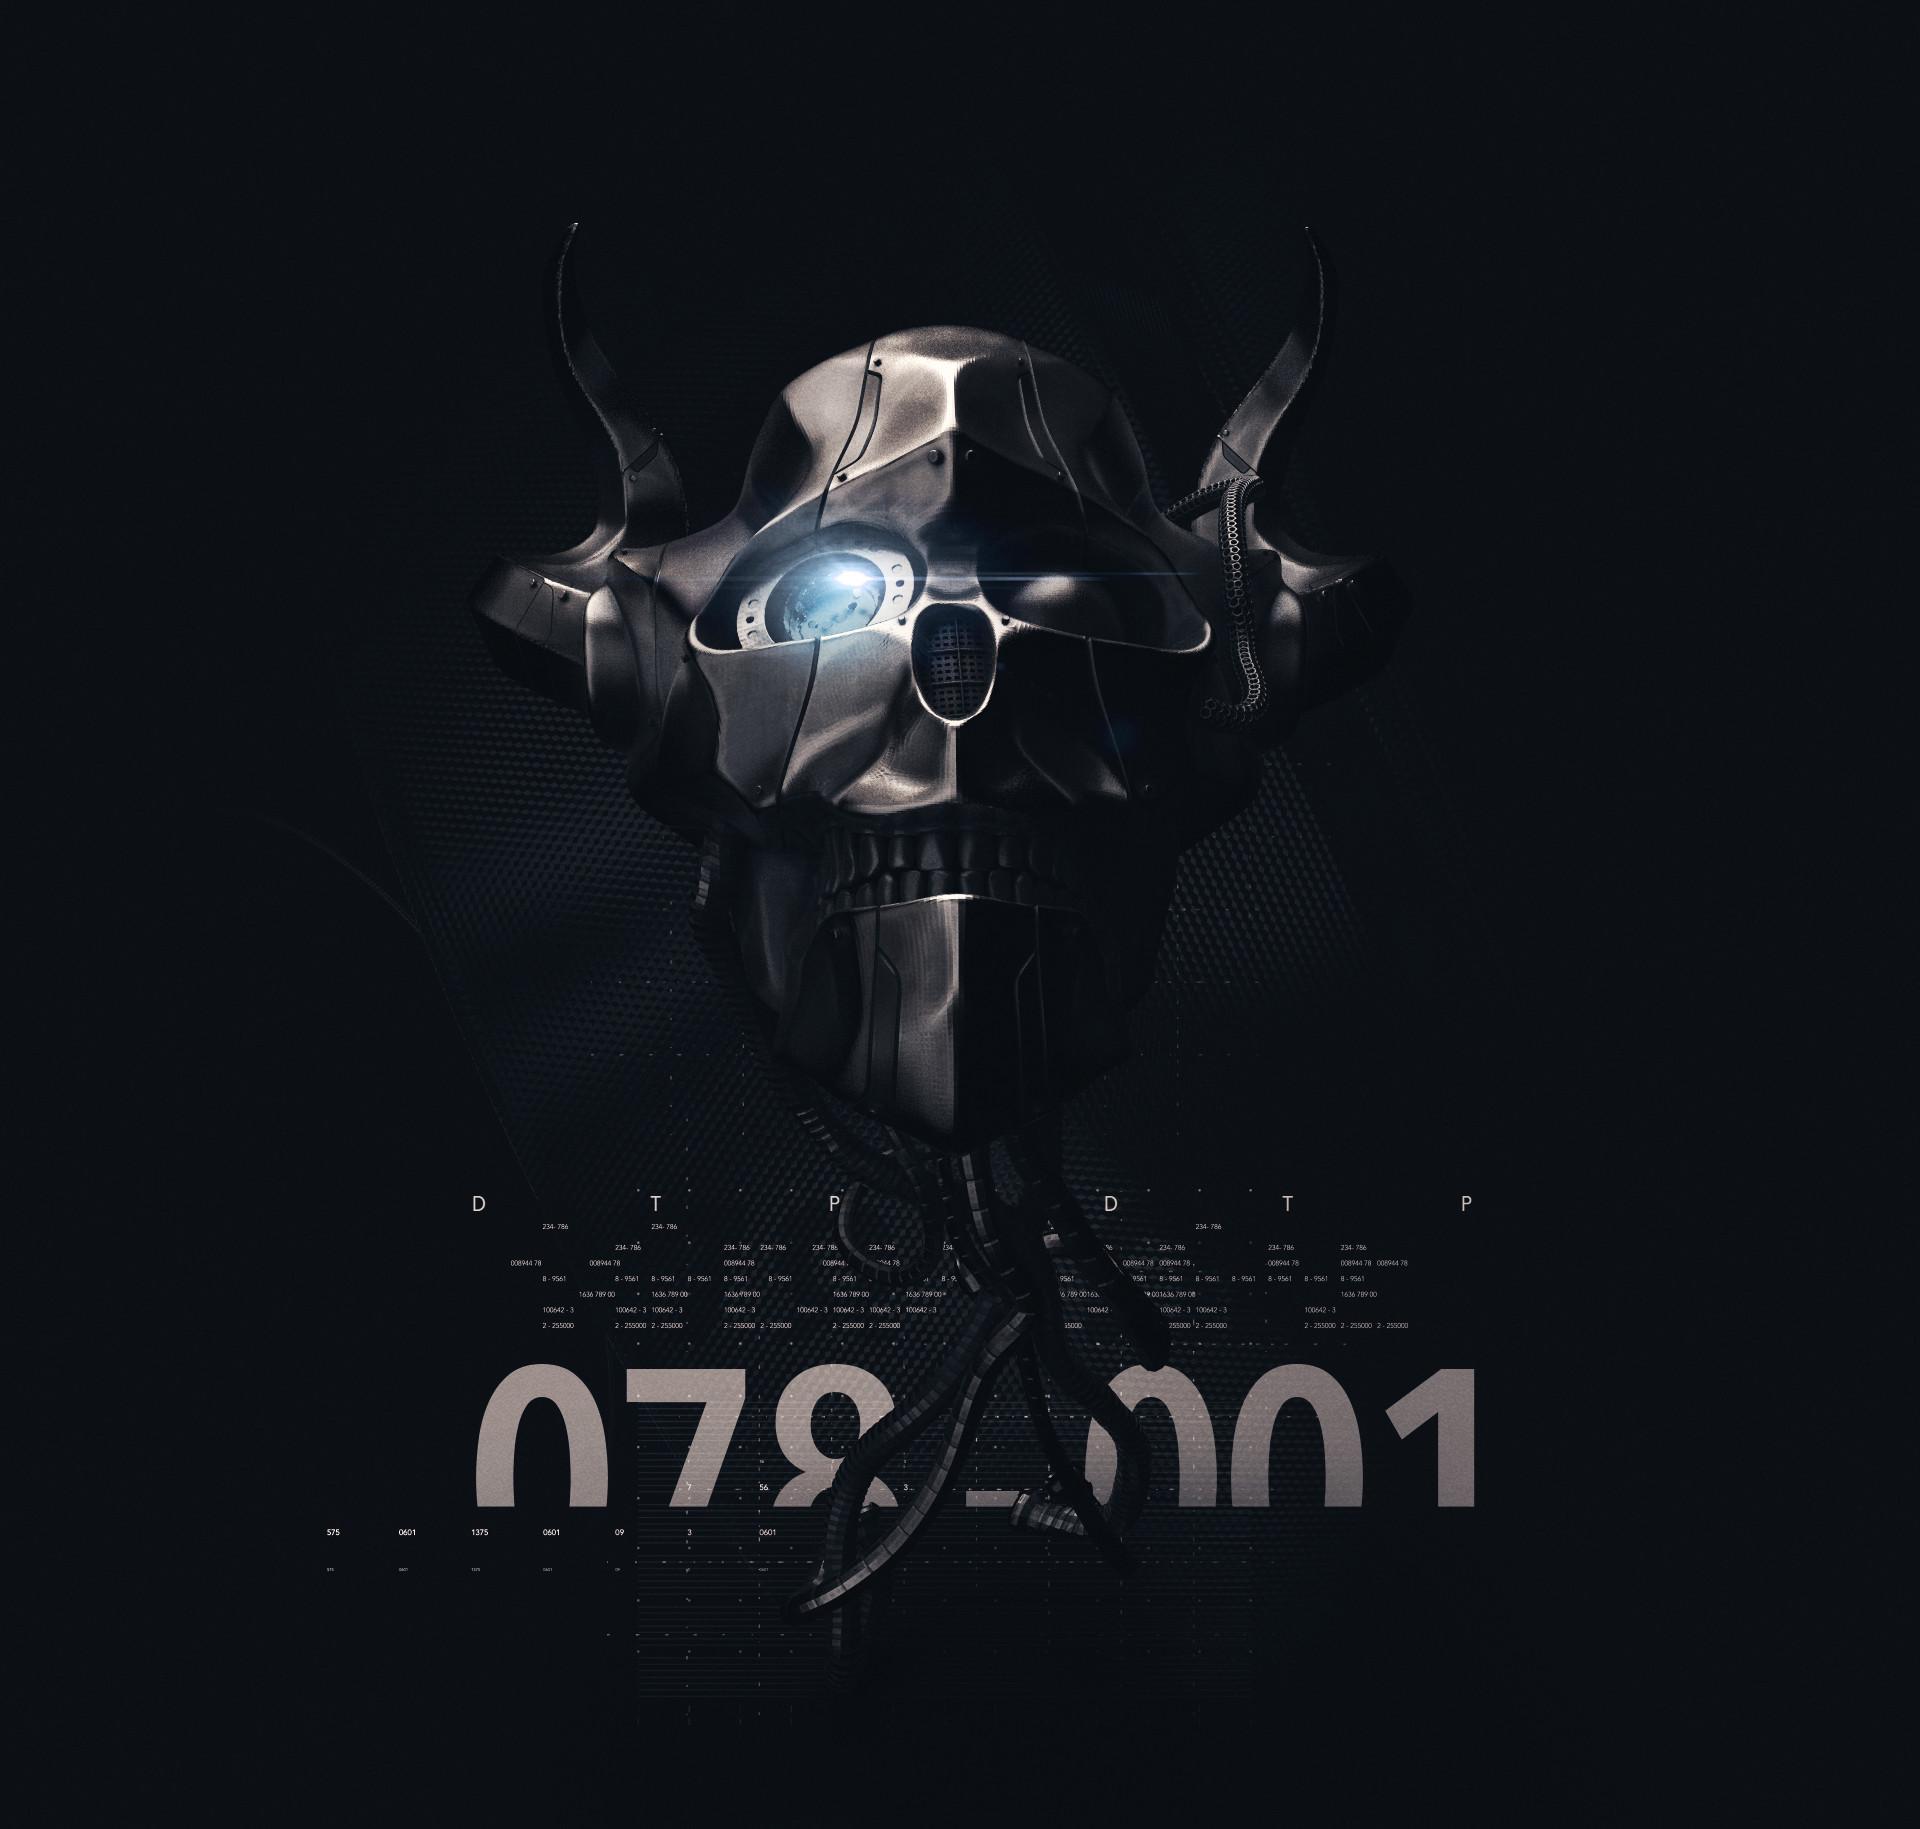 Ry cloze skull robot22